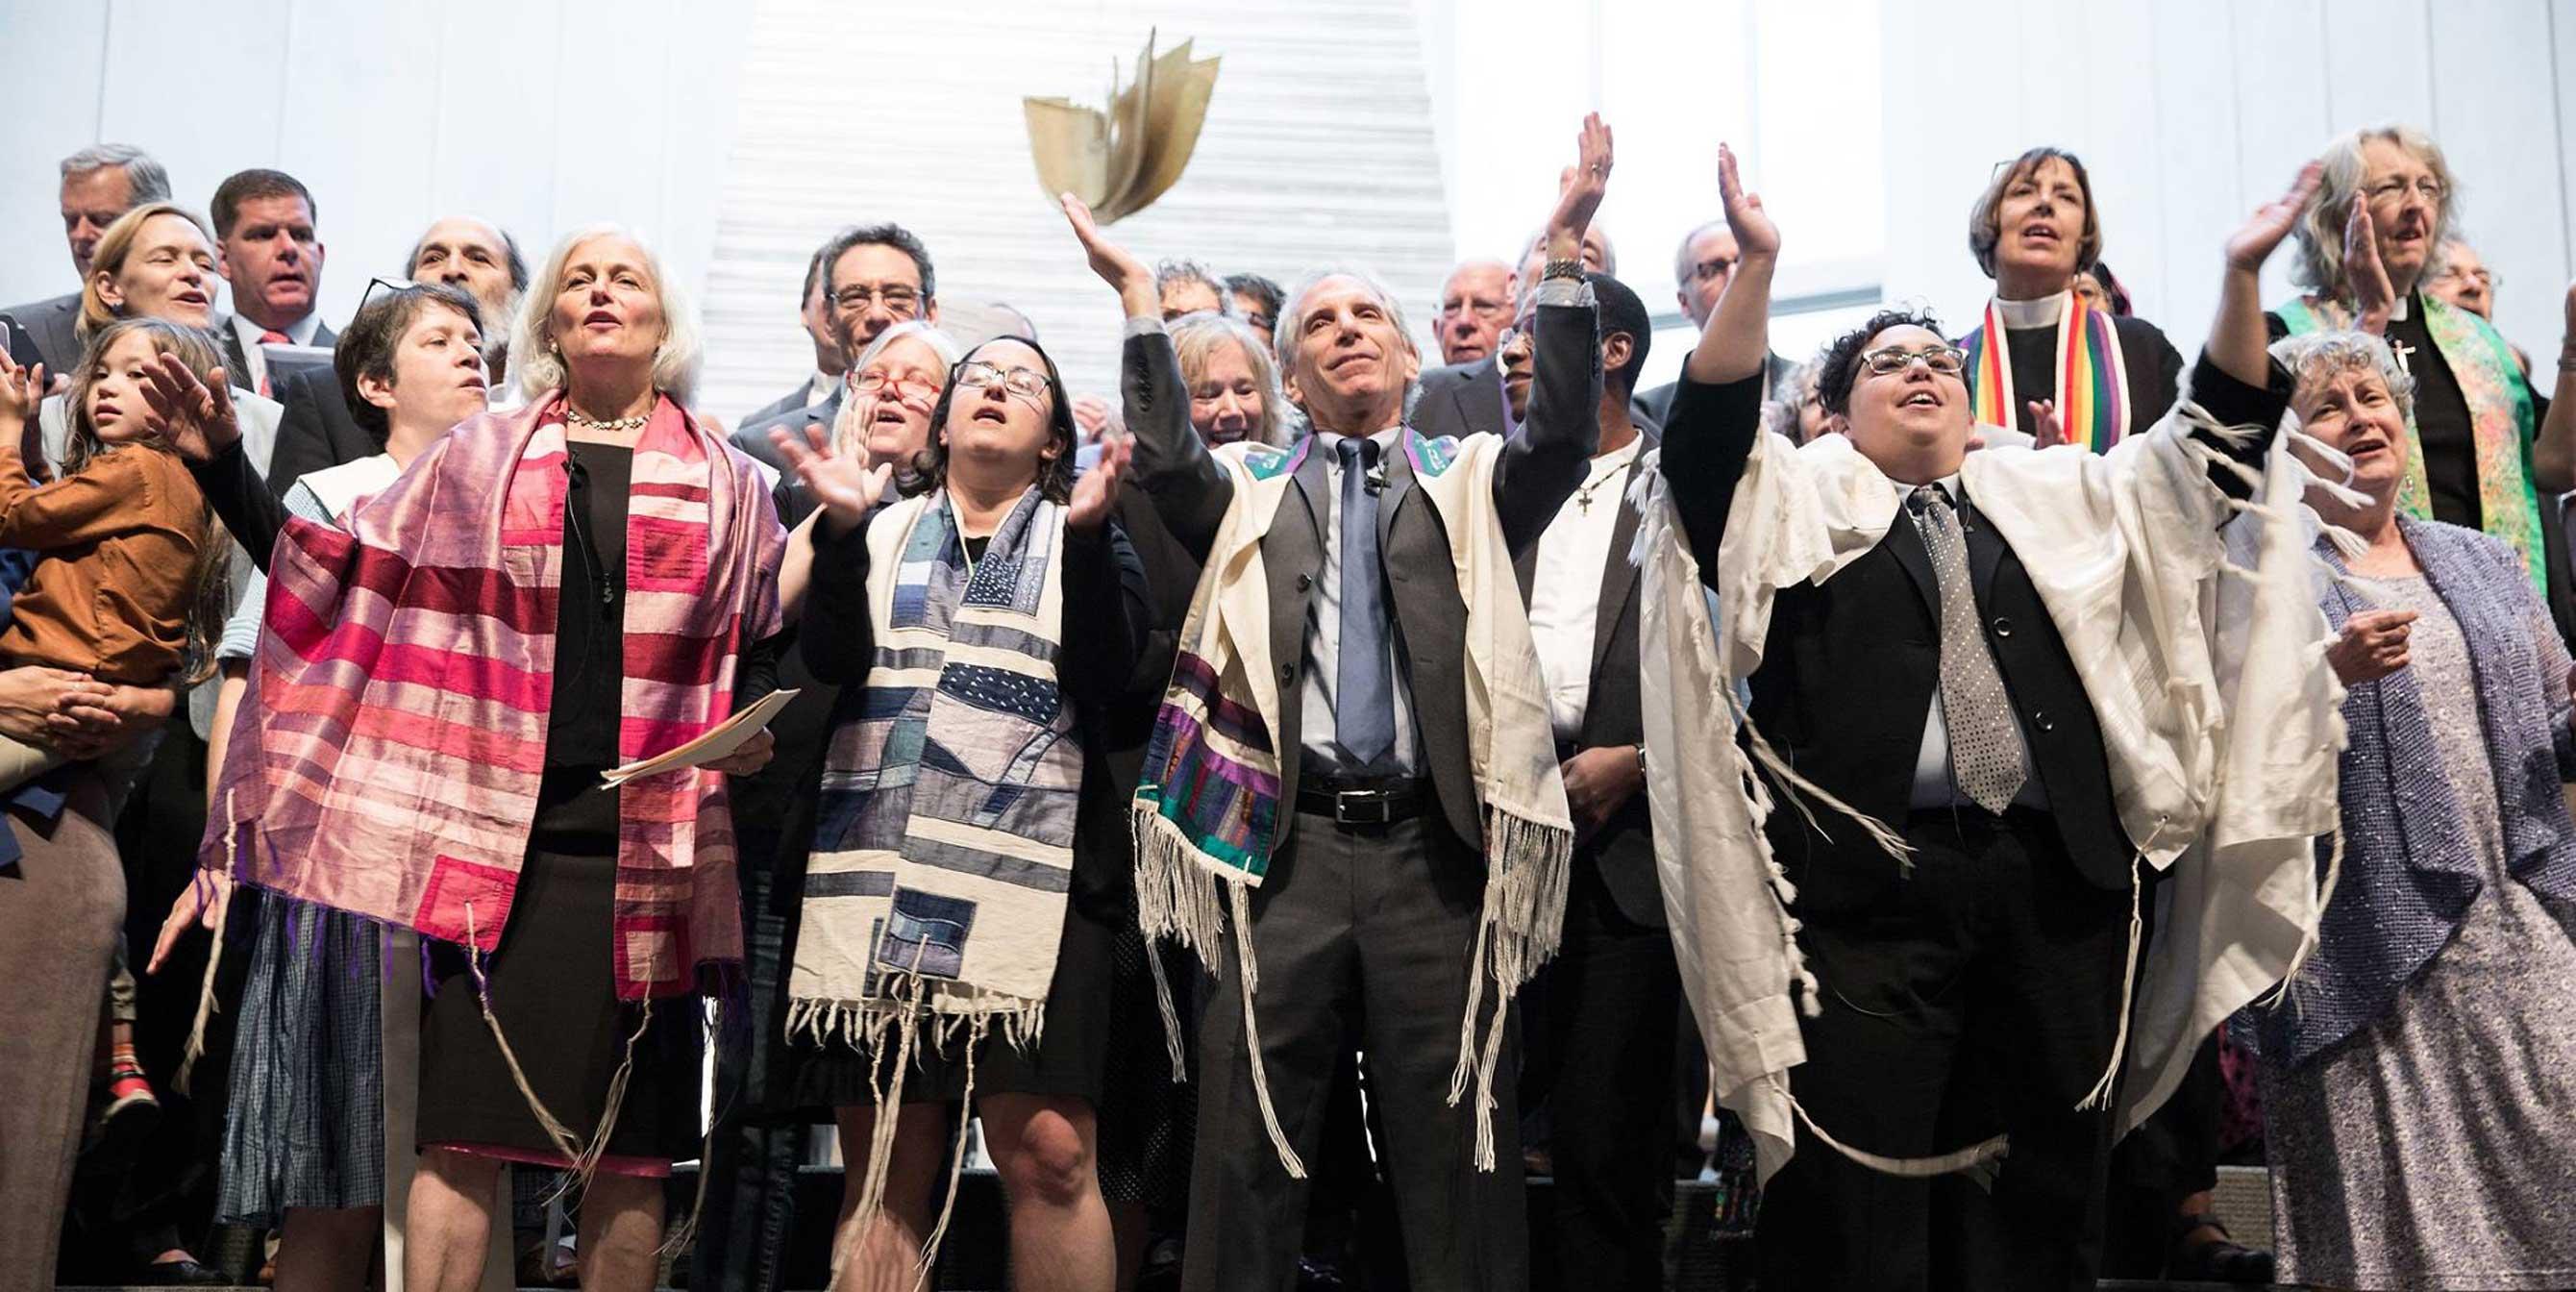 interfaith clergy